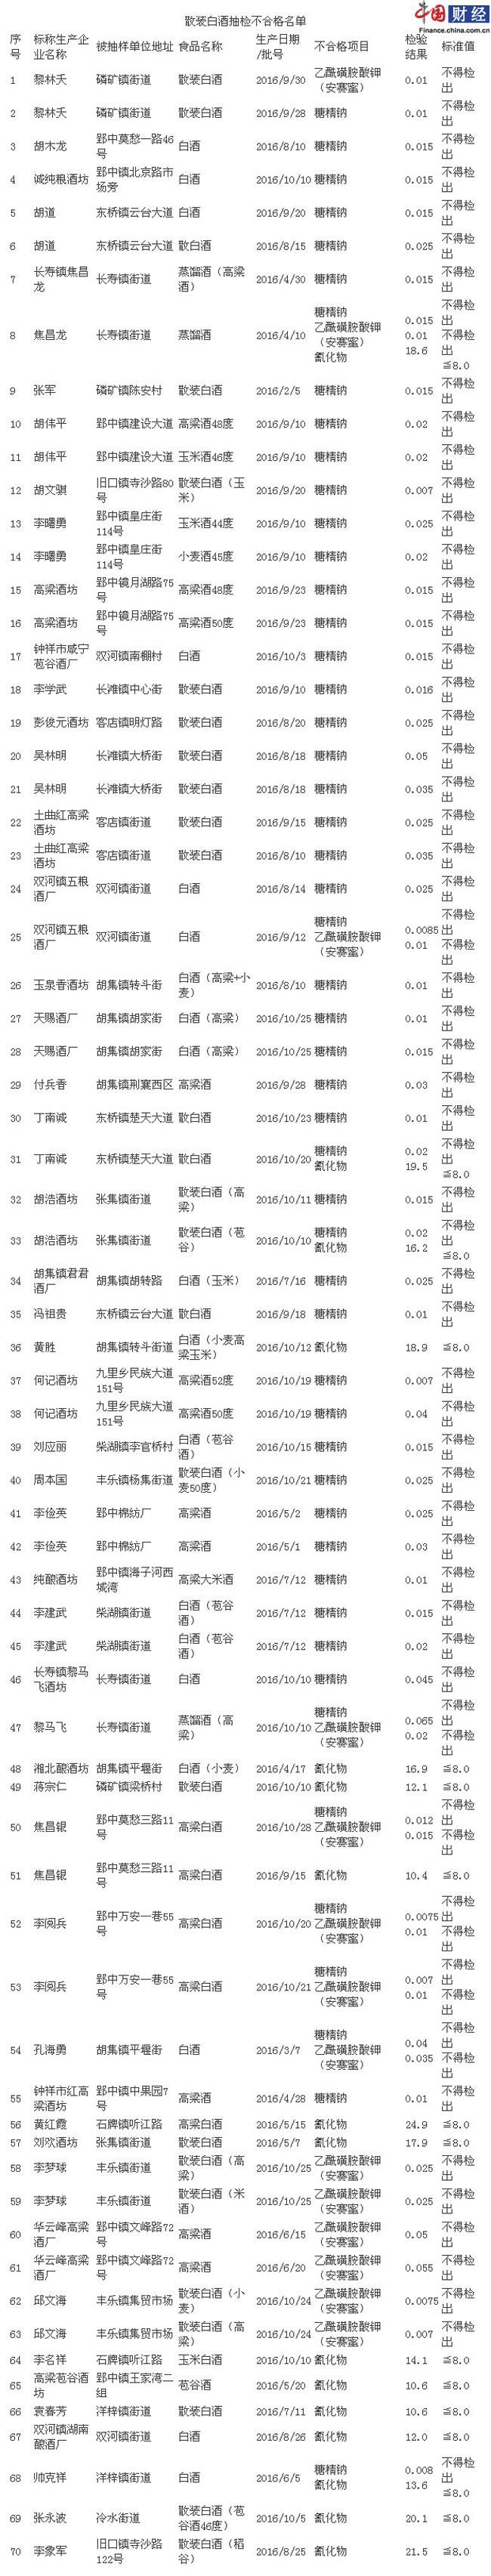 湖北钟祥市食药监局:散装白酒两成不合格